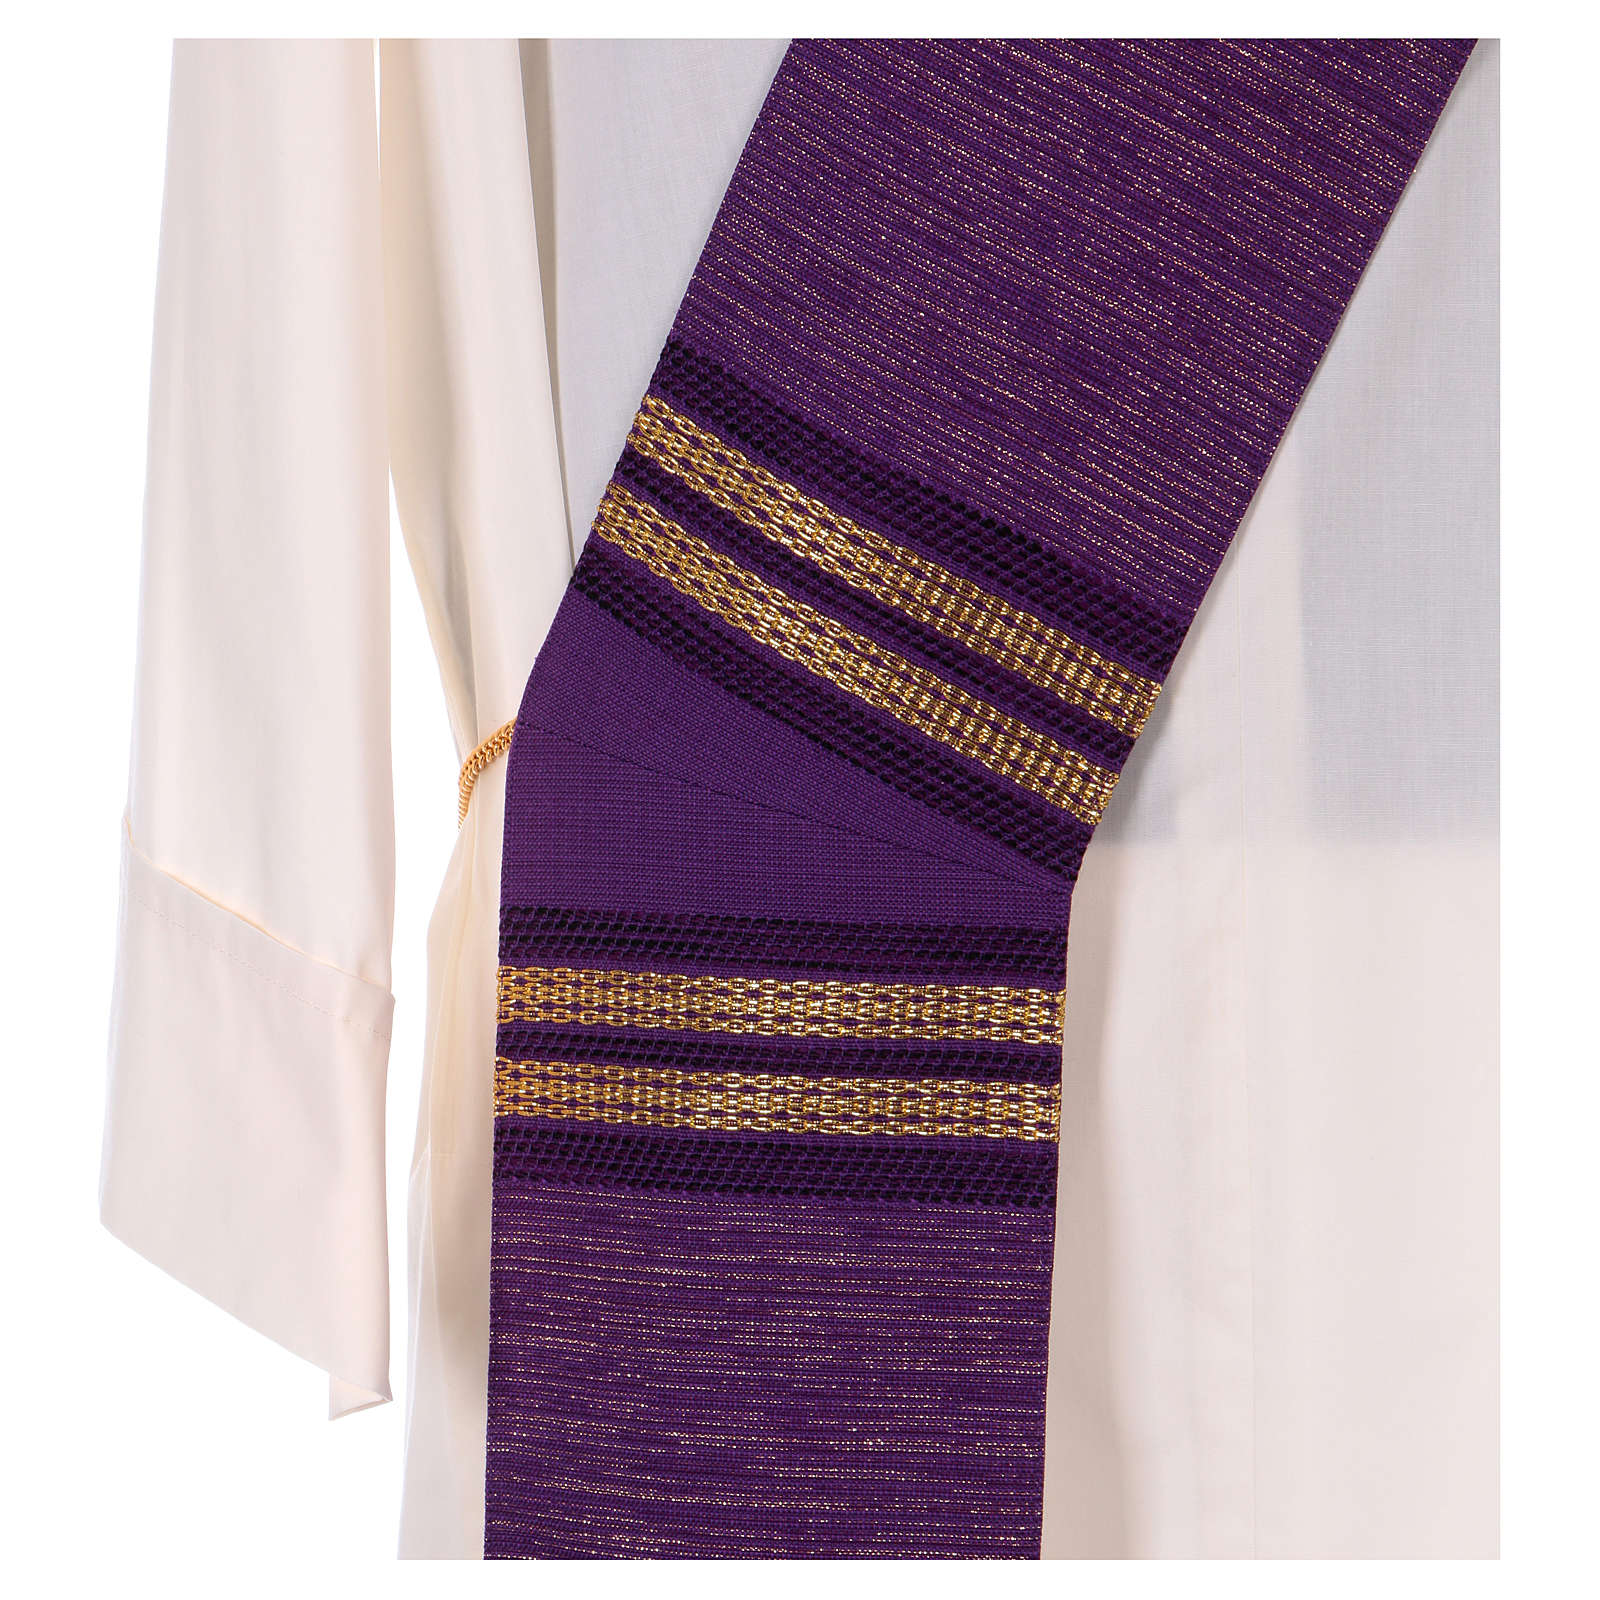 Étole diacolane 64% laine 26% acrylique 10% lurex chaînes dorées 4